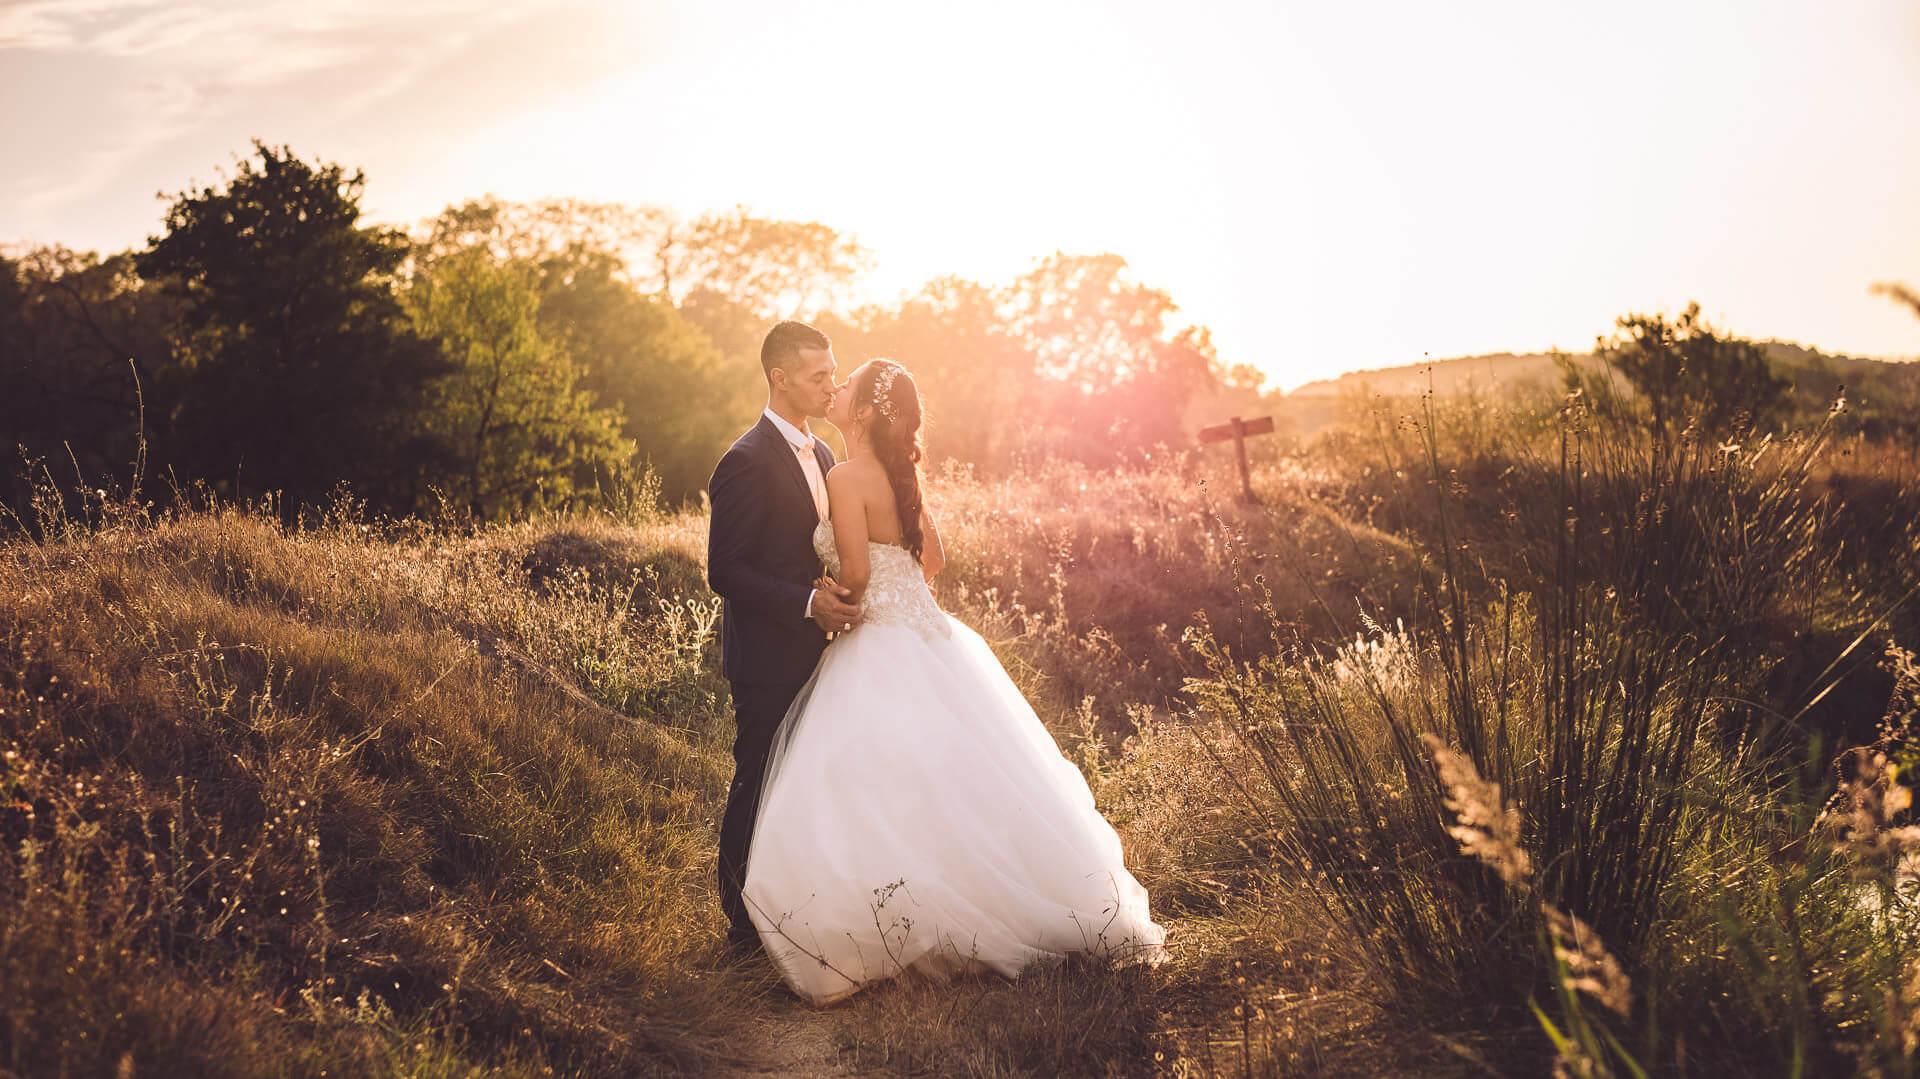 photographe mariage beziers herault